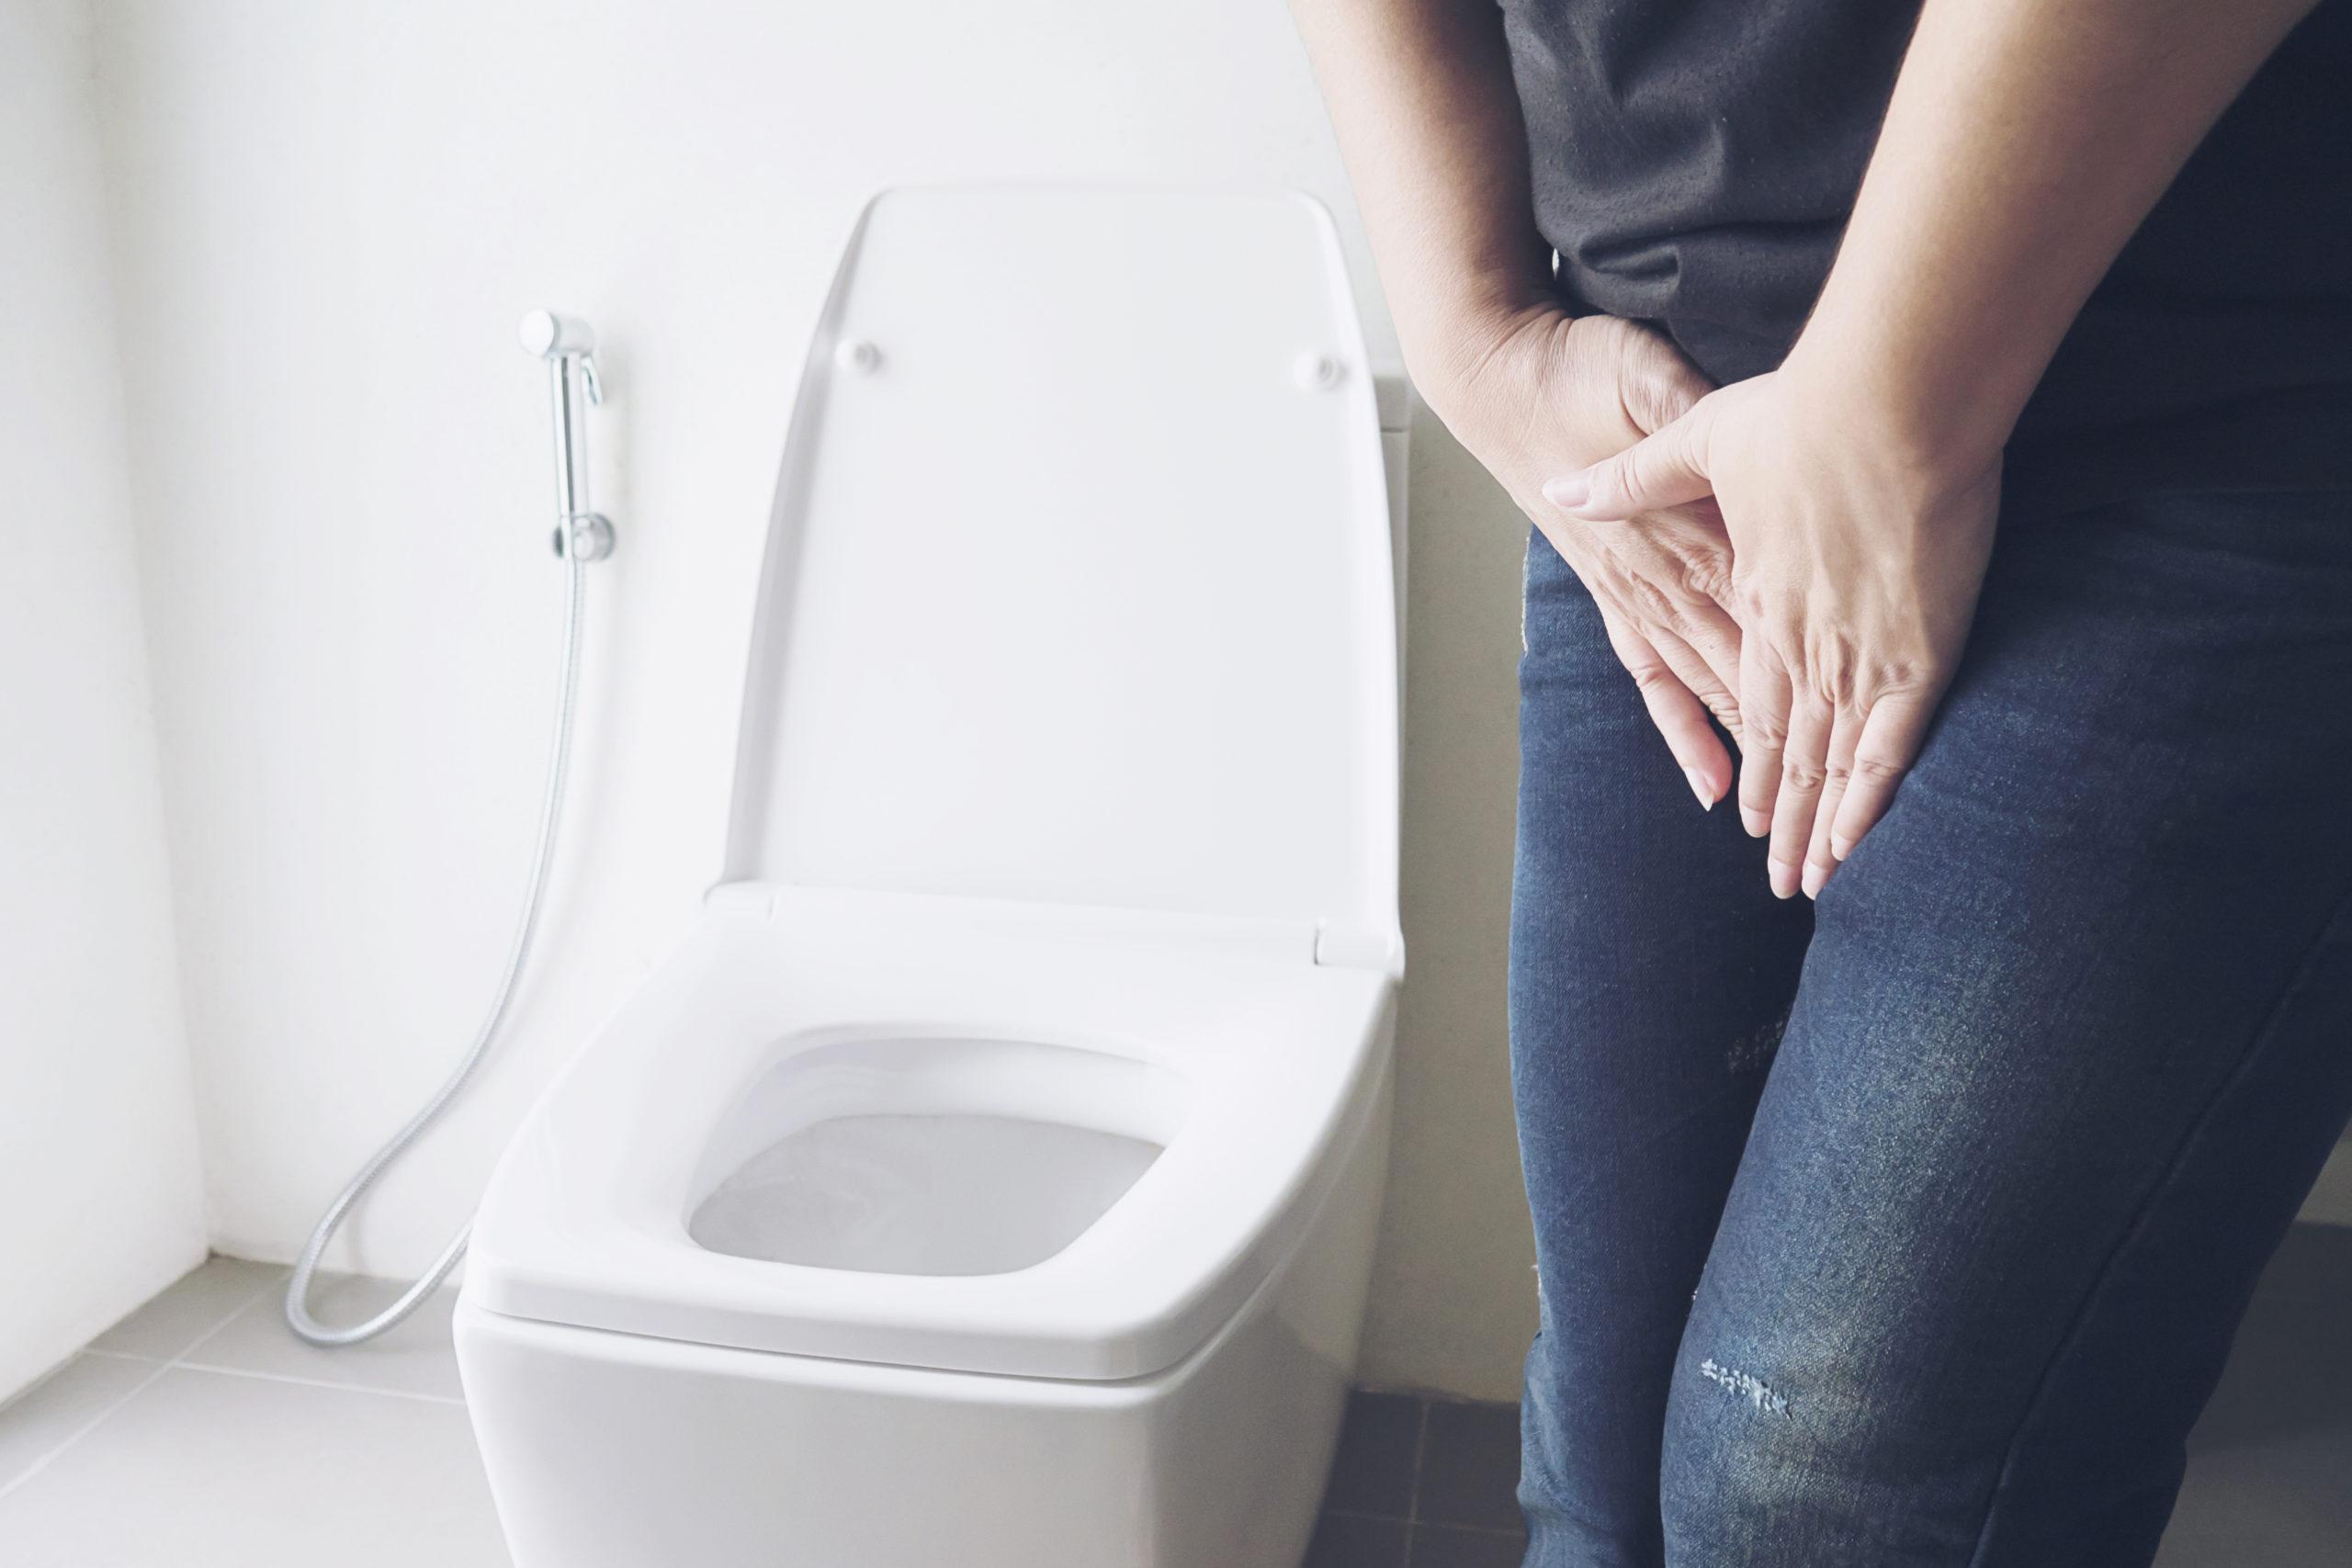 Les risques sanitaires liés à l'incontinence : le rapport de l'Anses